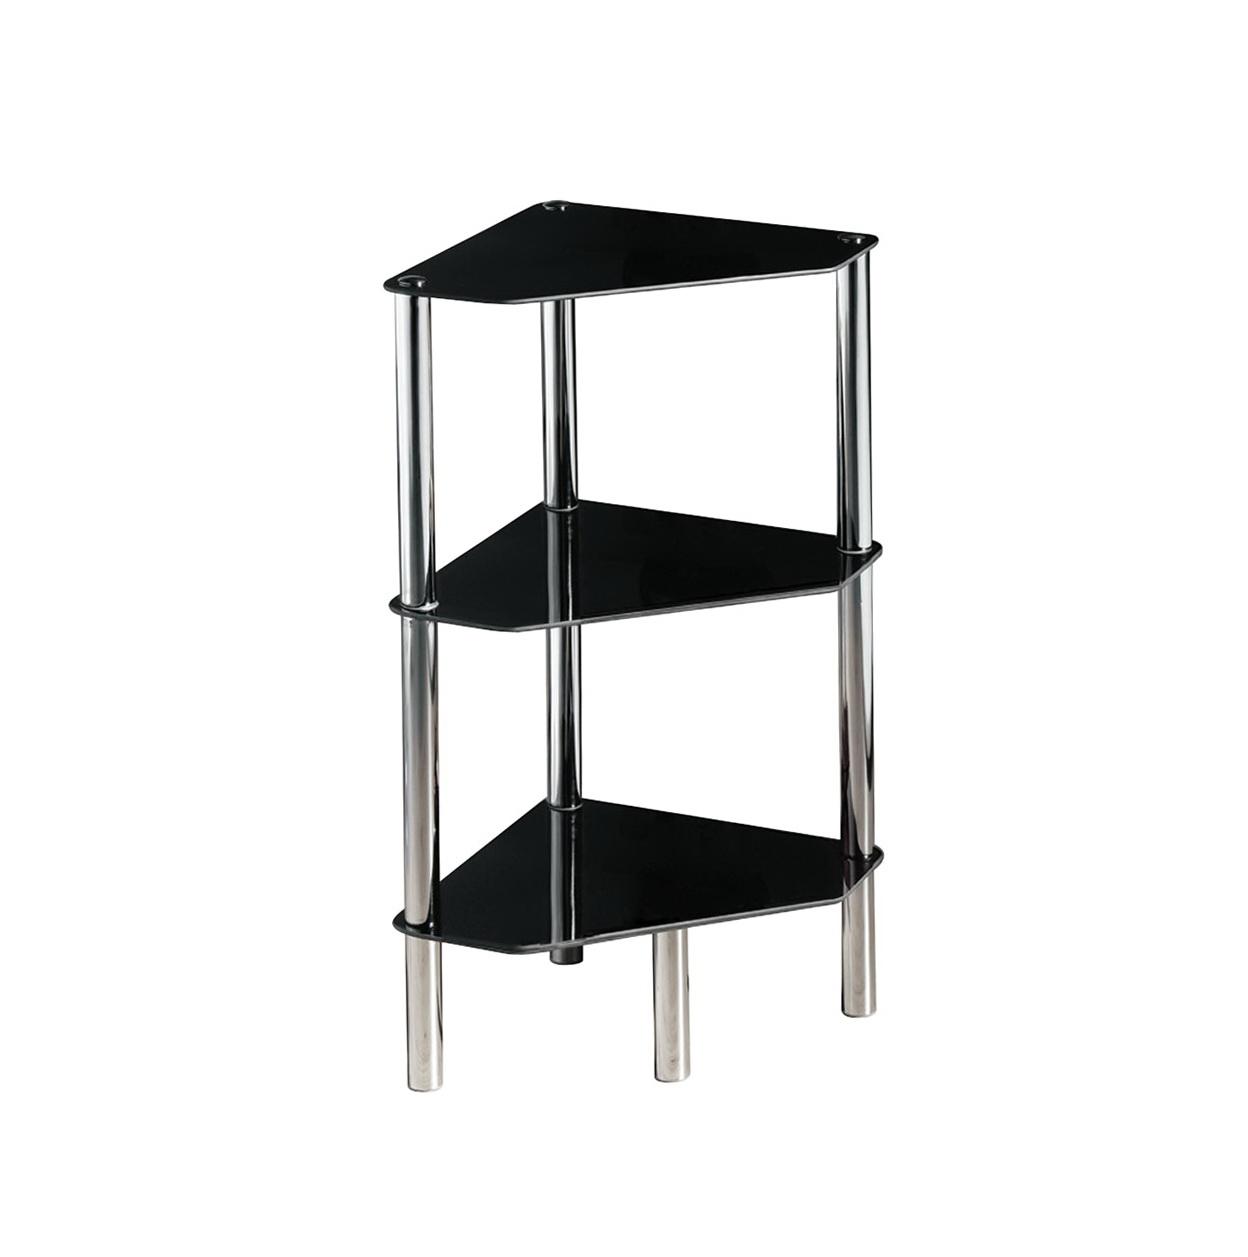 Glass Wall Shelves Ikea